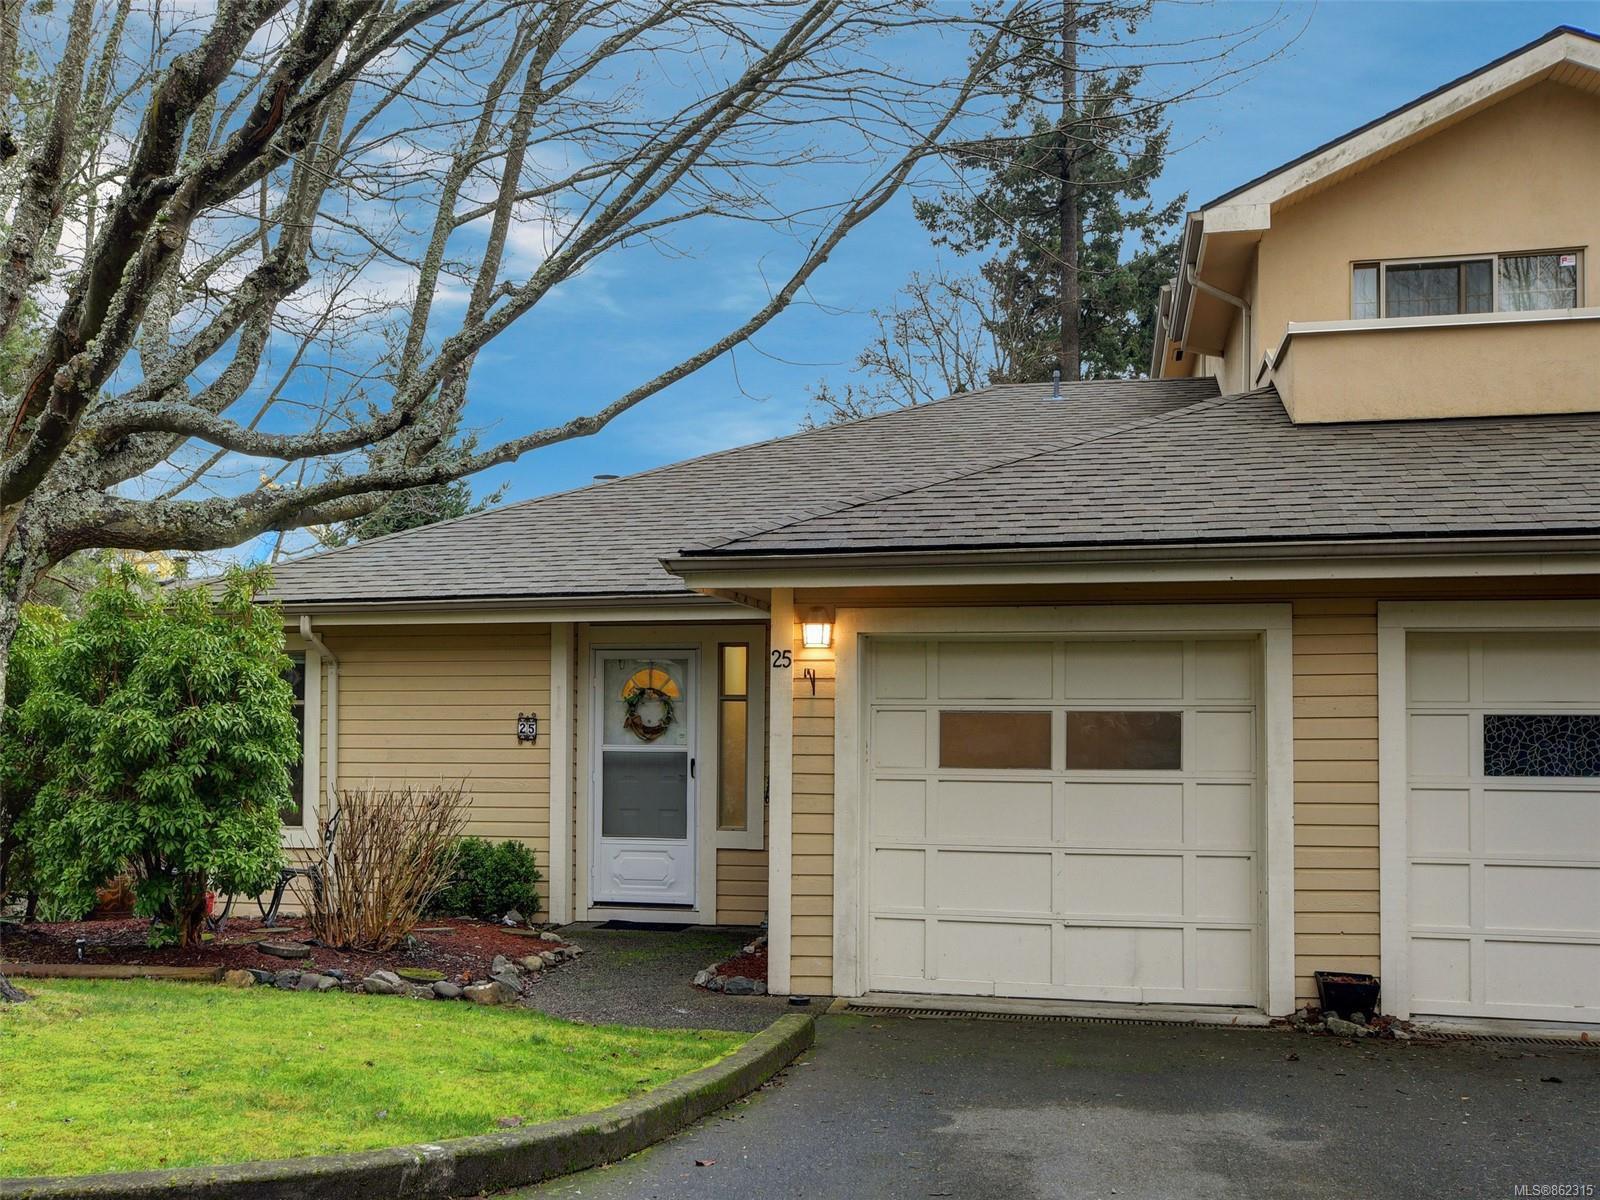 Main Photo: 25 909 Admirals Rd in : Es Esquimalt Row/Townhouse for sale (Esquimalt)  : MLS®# 862315